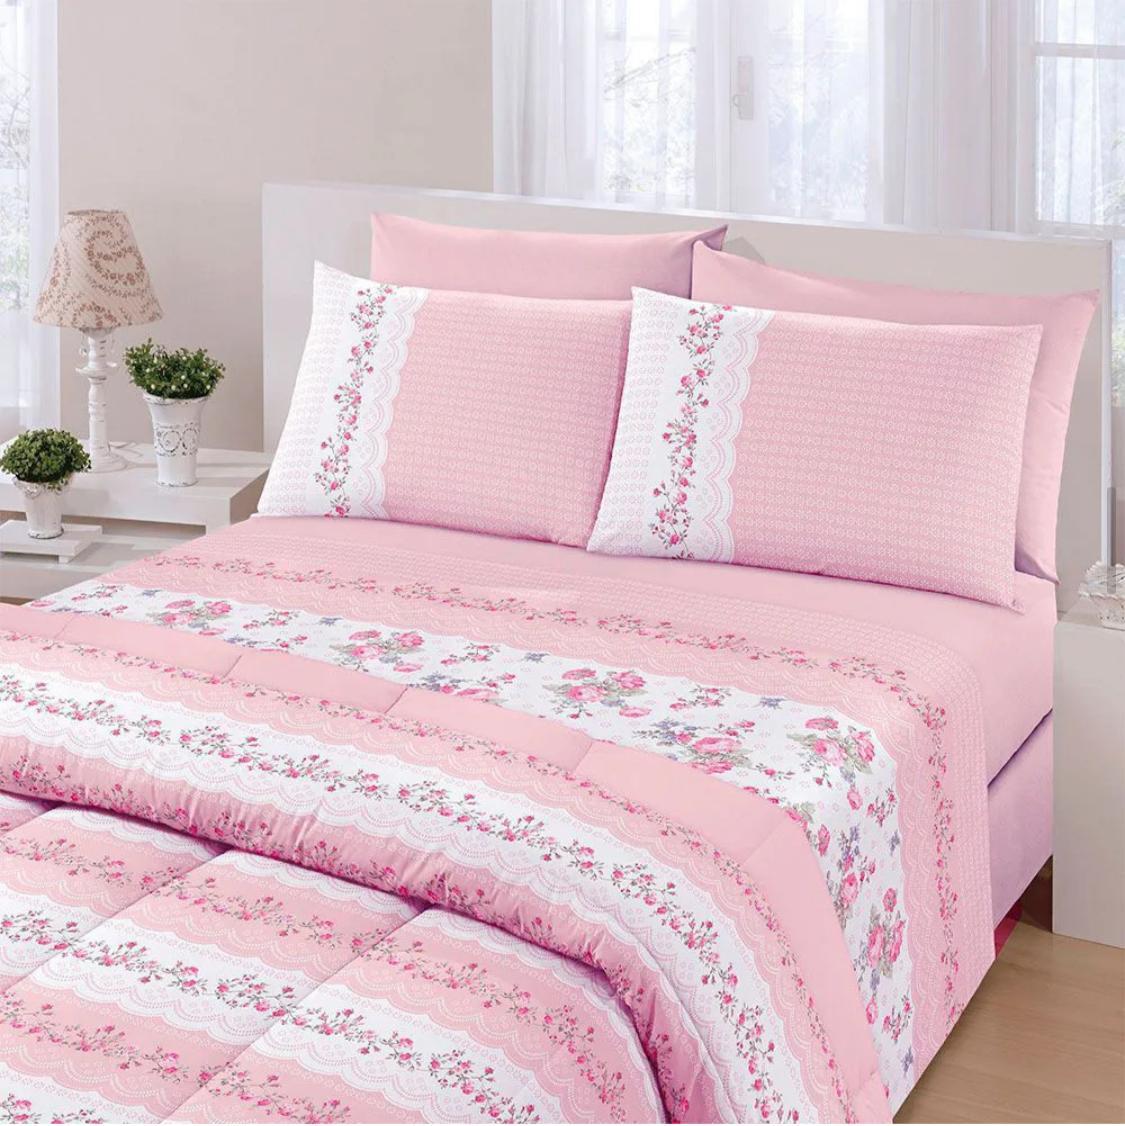 Jogo de cama queen Royal Maite 100% algodão estampado rosa - Santista